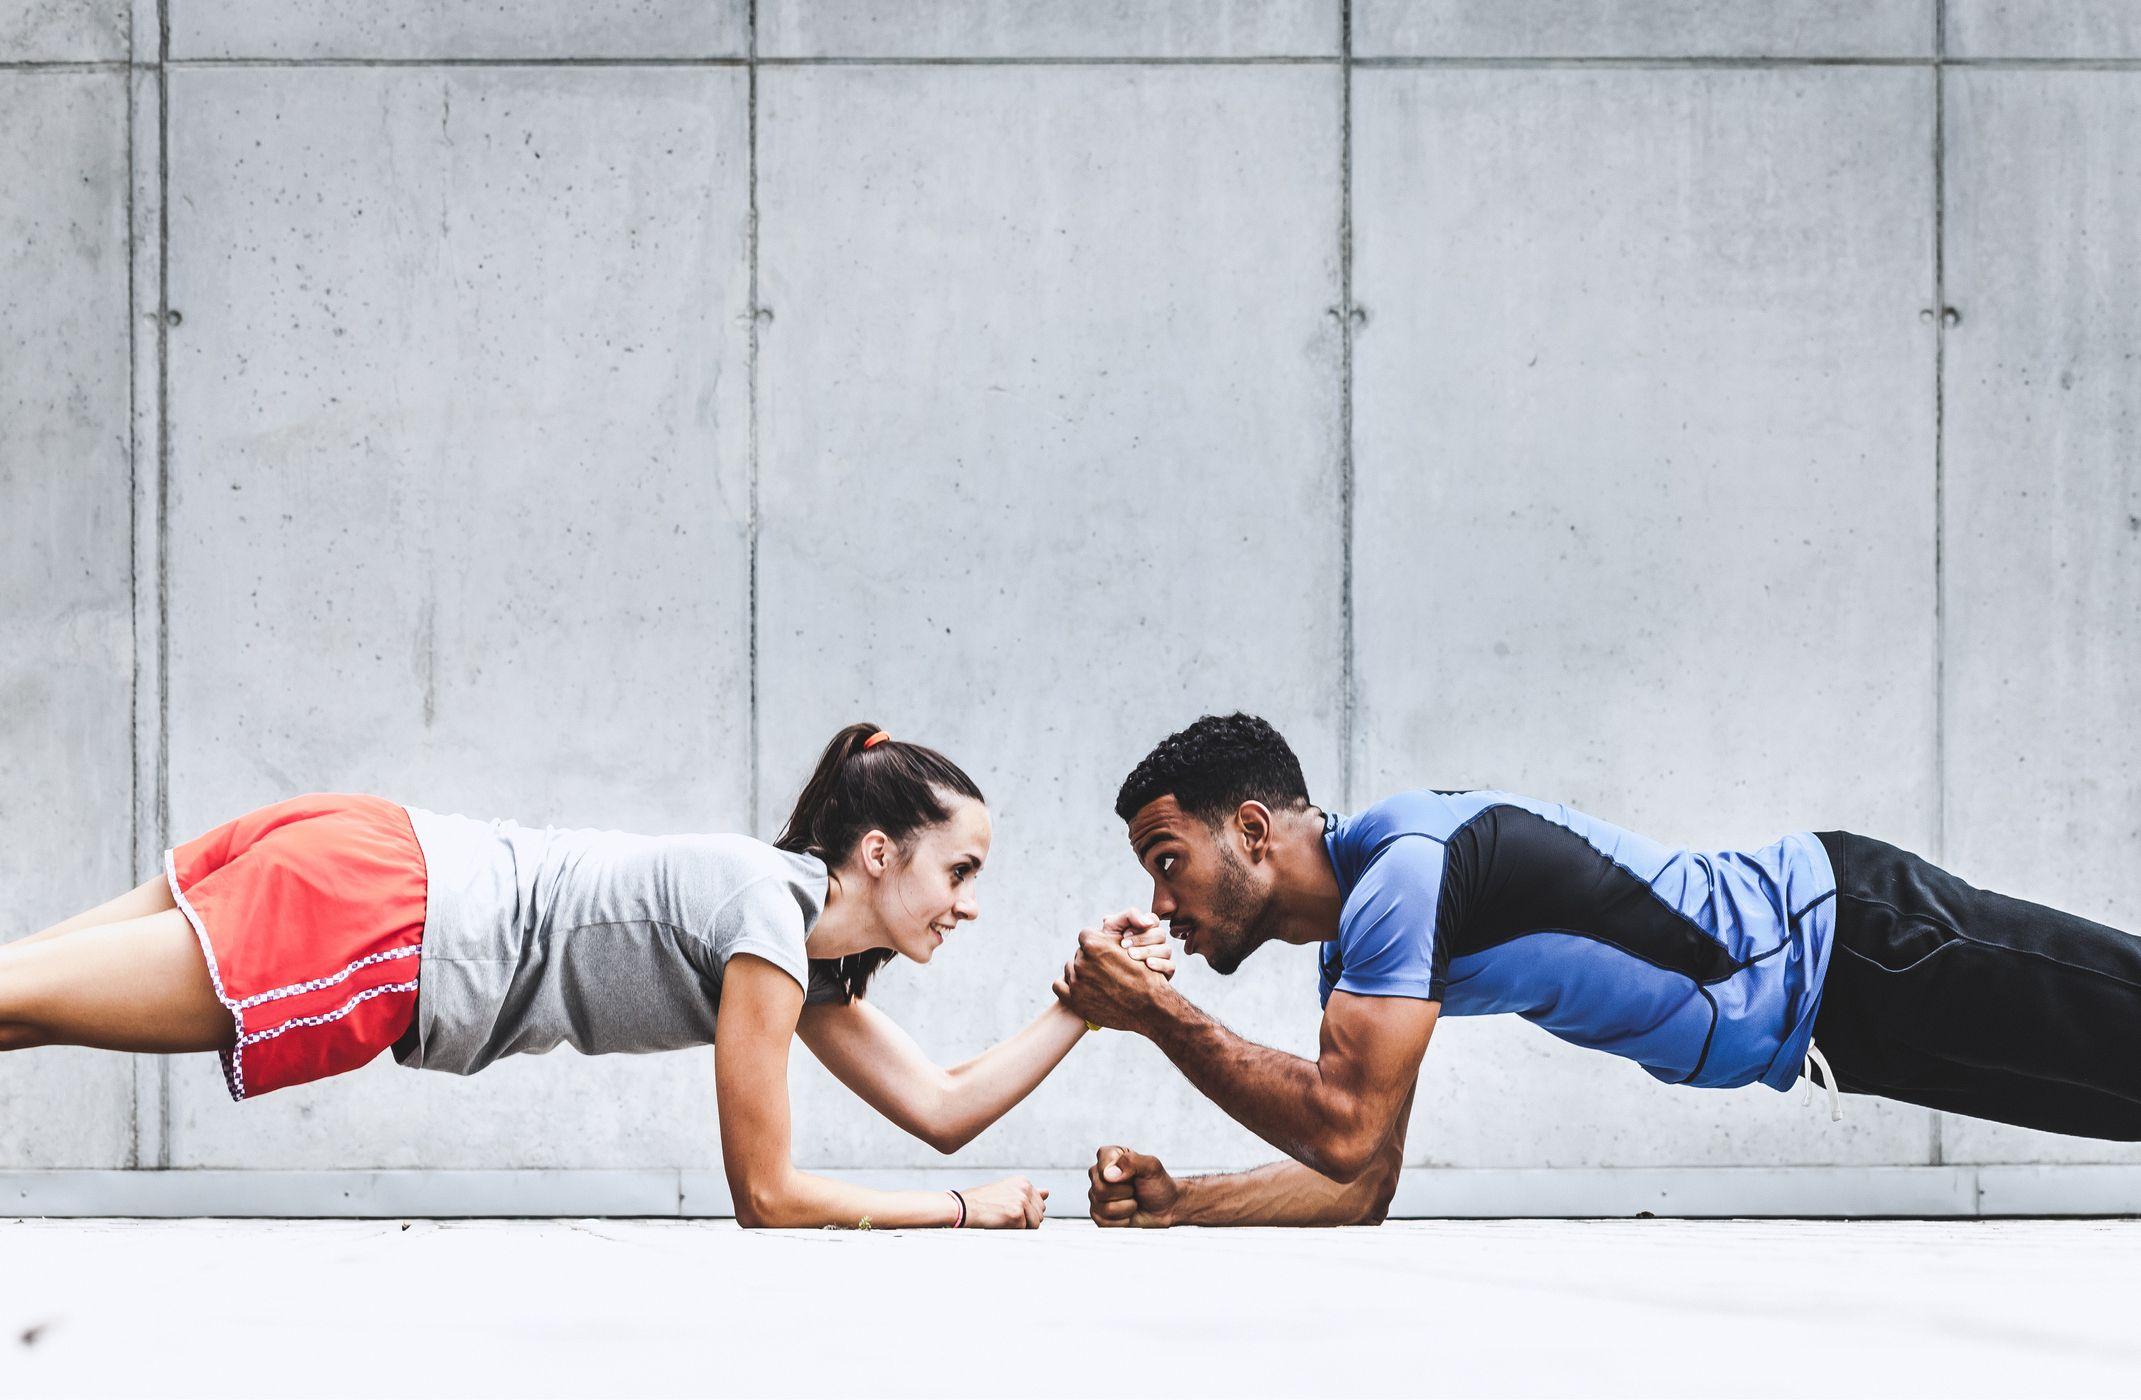 dolor abdominal inferior al correr